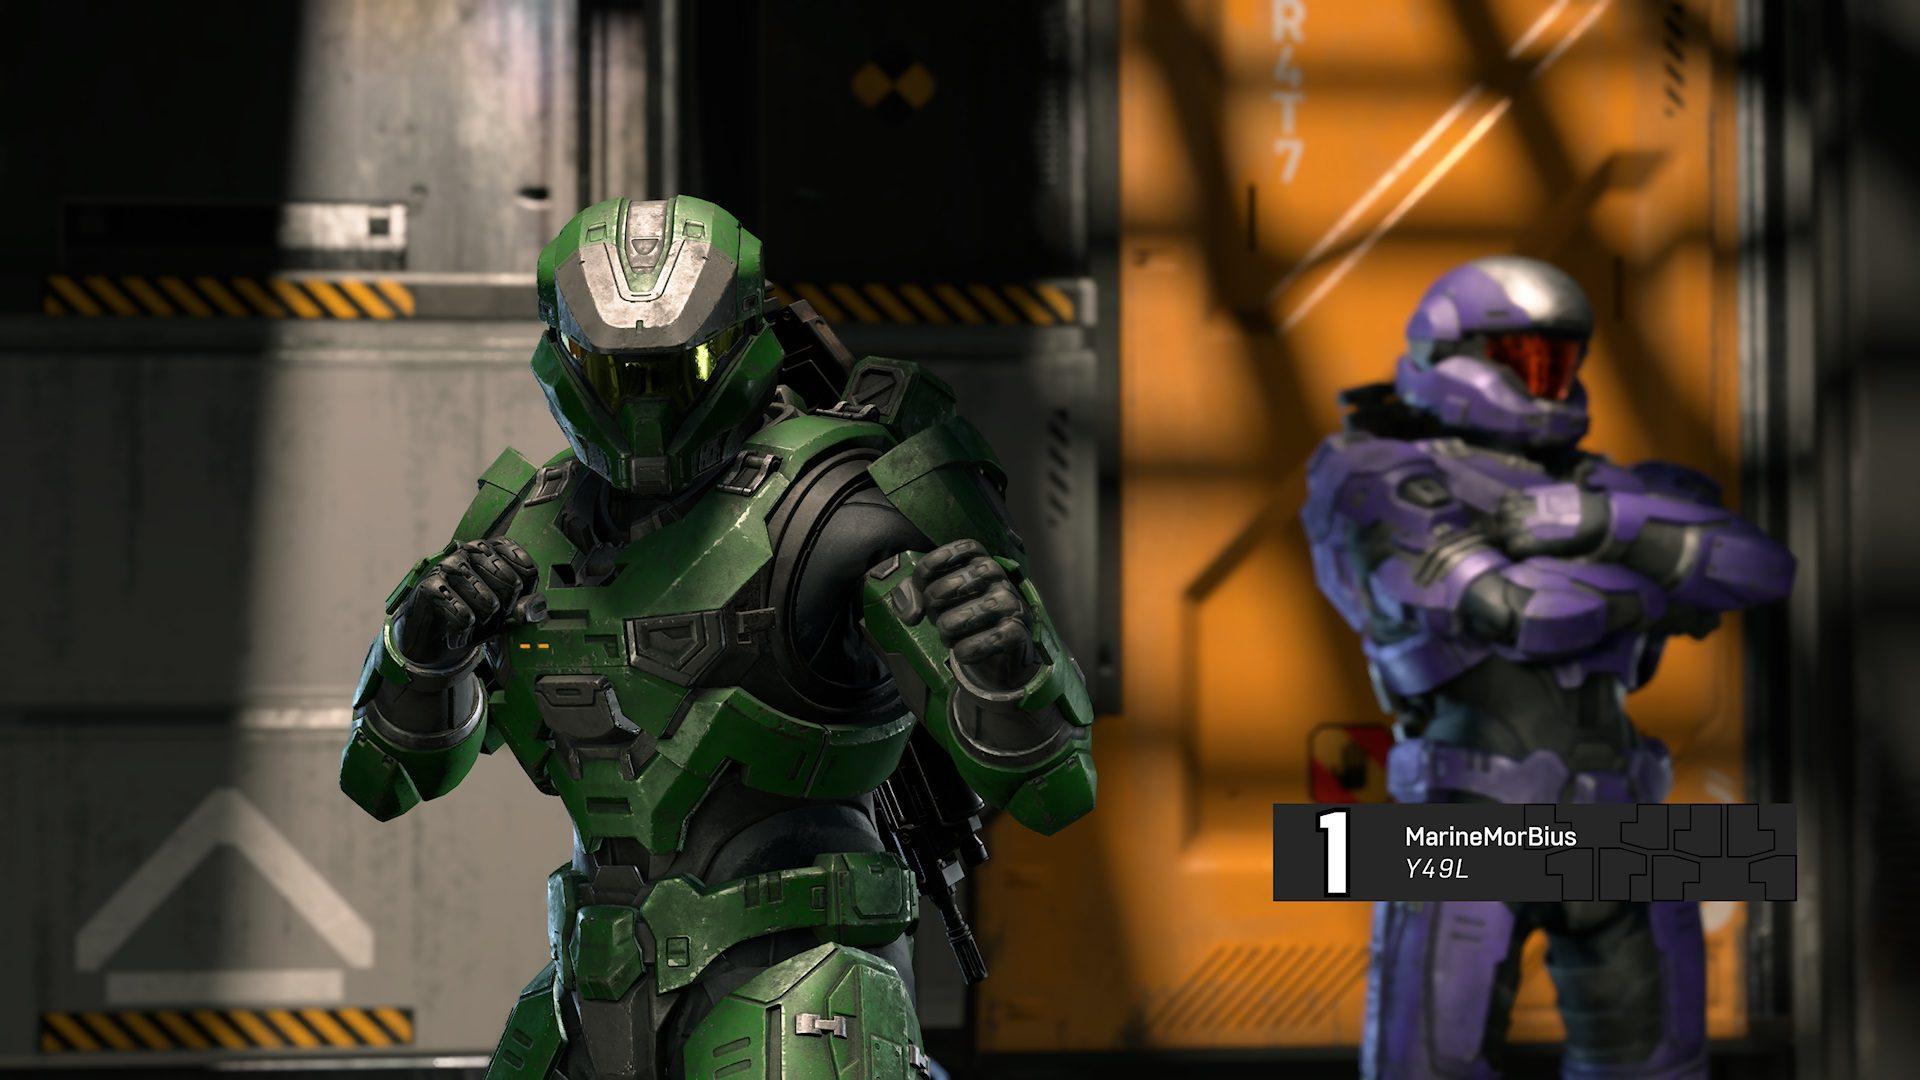 Impresiones de la Prueba Técnica de Halo Infinite - Hemos pasado el fin de semana dándole a la Prueba Técnica de Halo Infinite y lo primero que hemos pensado es que se nos ha hecho corto. Diversión total y buenas noticias.